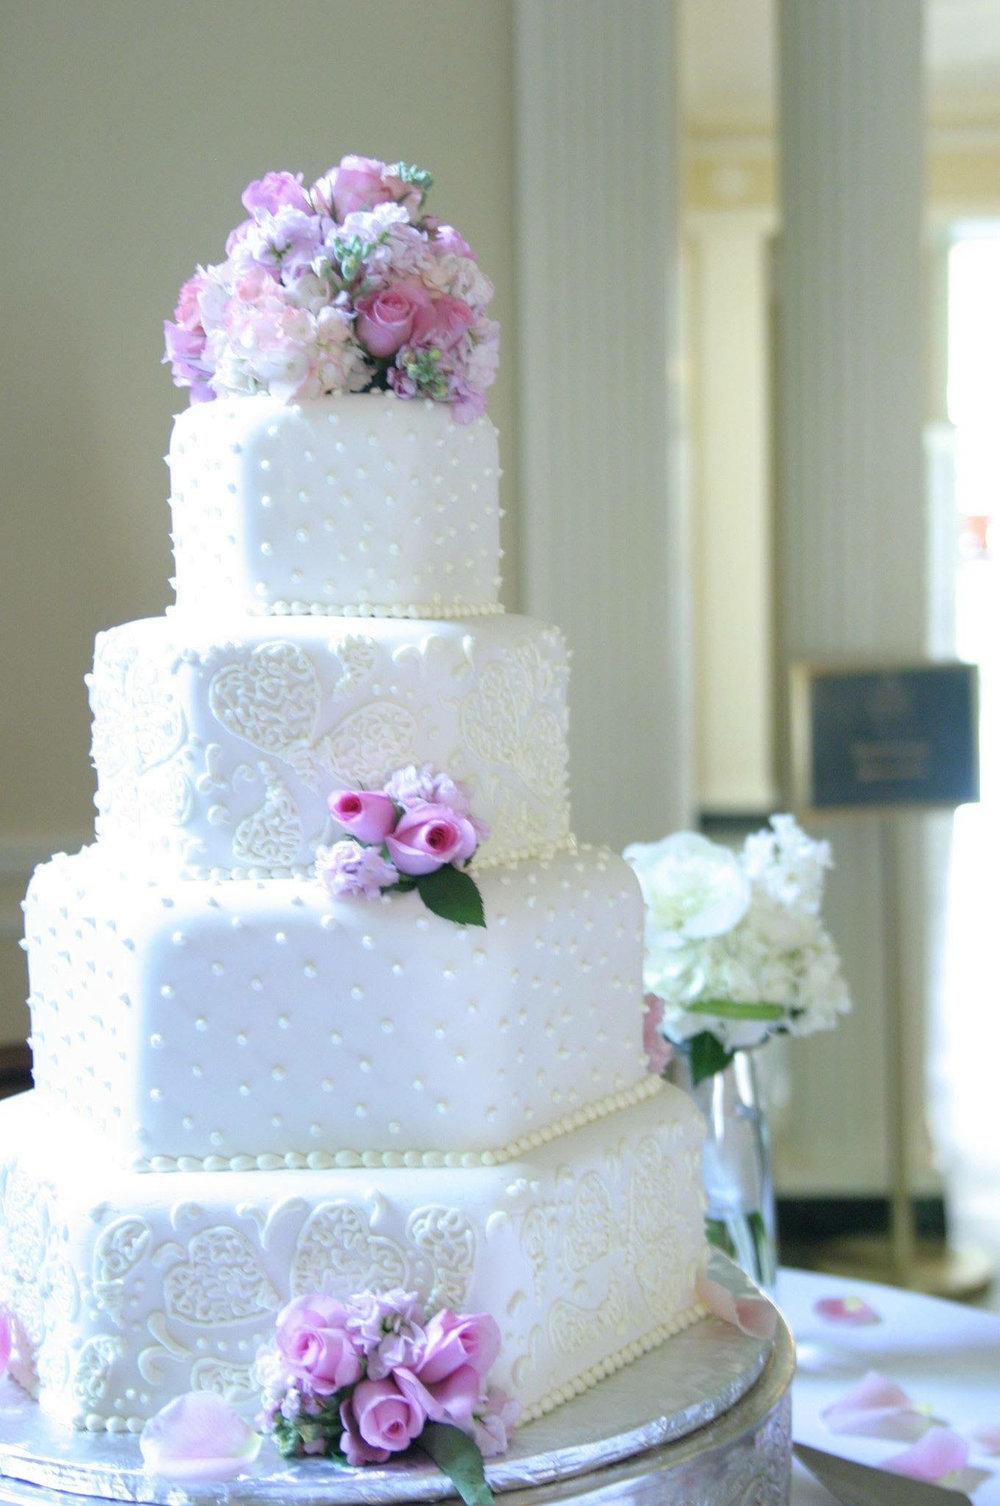 pa-wedding-cakes-49.jpg